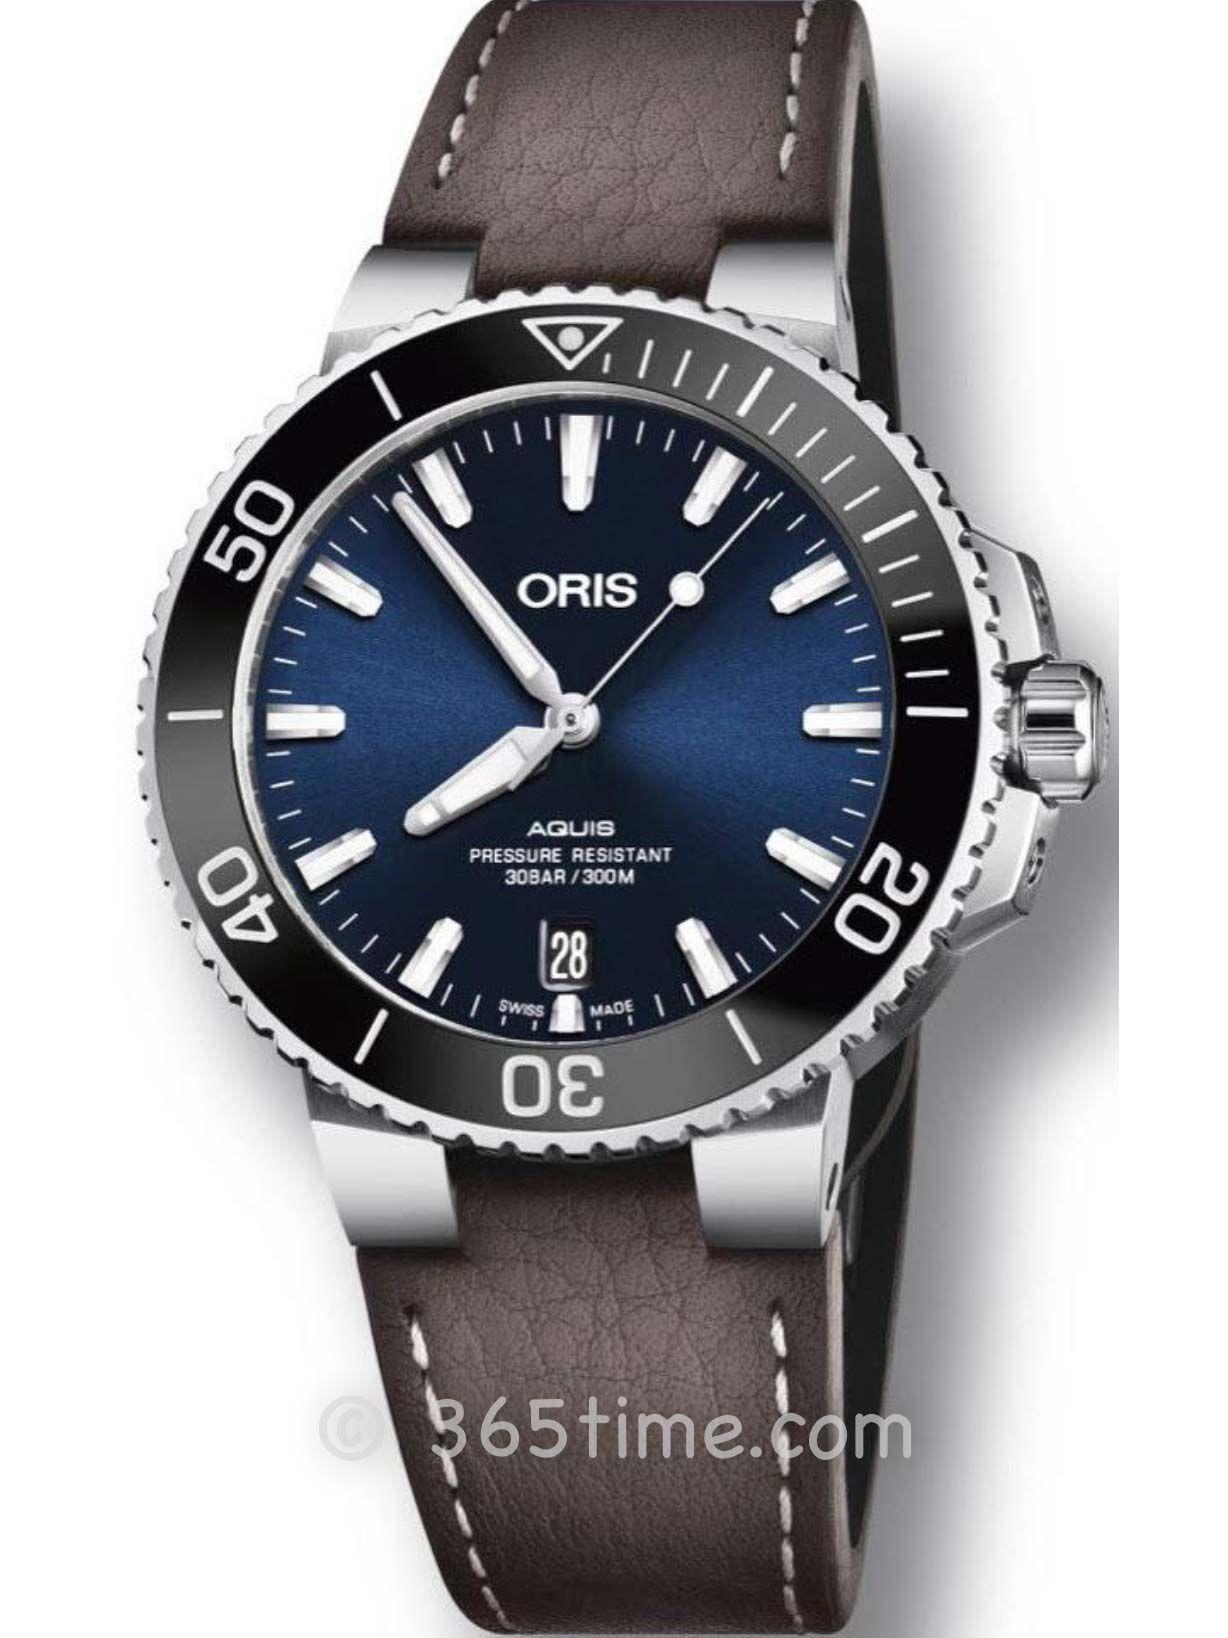 Oris豪利时潜水系列Aquis日历腕表01 733 7732 4135-07 5 21 10FC